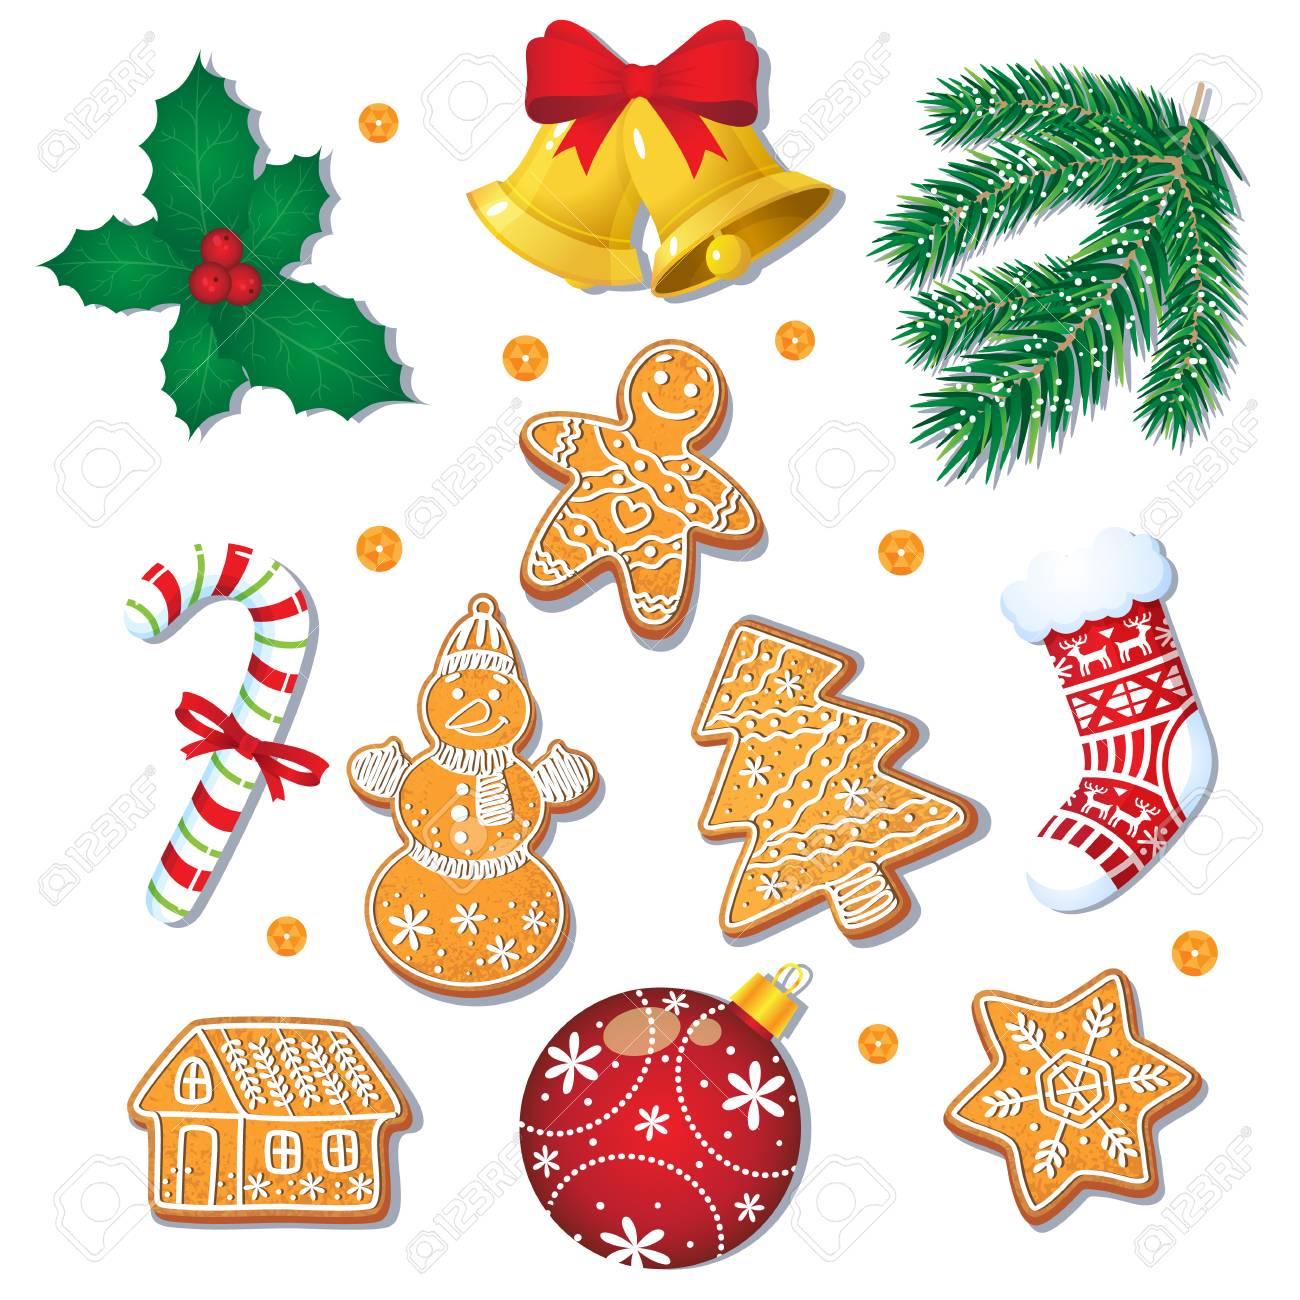 Imagenes De Galletas De Navidad Animadas.Gran Conjunto De Galletas Y Decoraciones De Jengibre De Navidad Glaseadas Abeto Muerdago Baston De Caramelo Ilustracion Vectorial De Dibujos